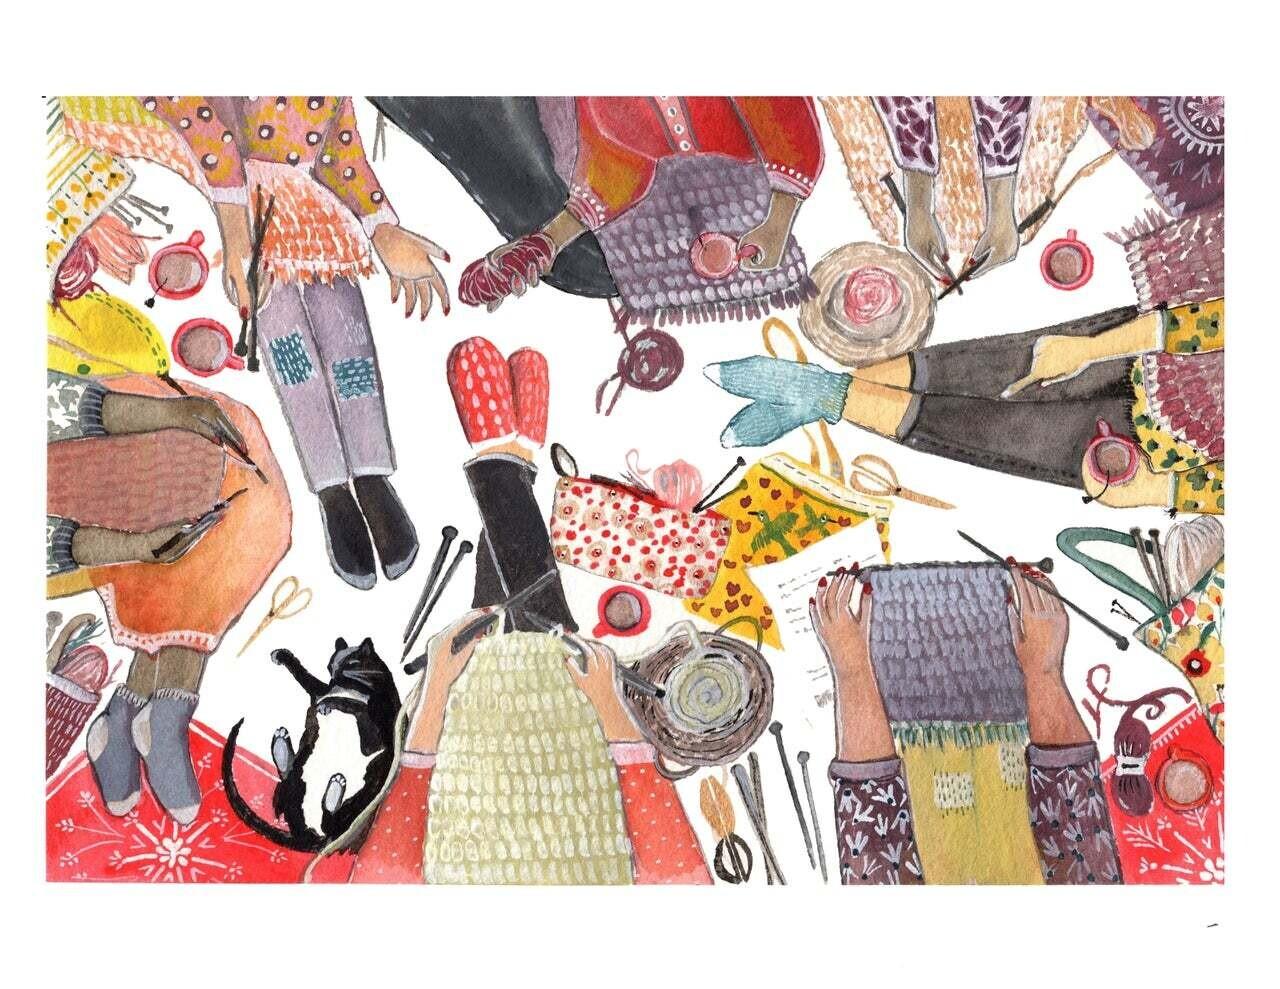 Woman Who Make, Knitters Circle Print-Sarah Duggan